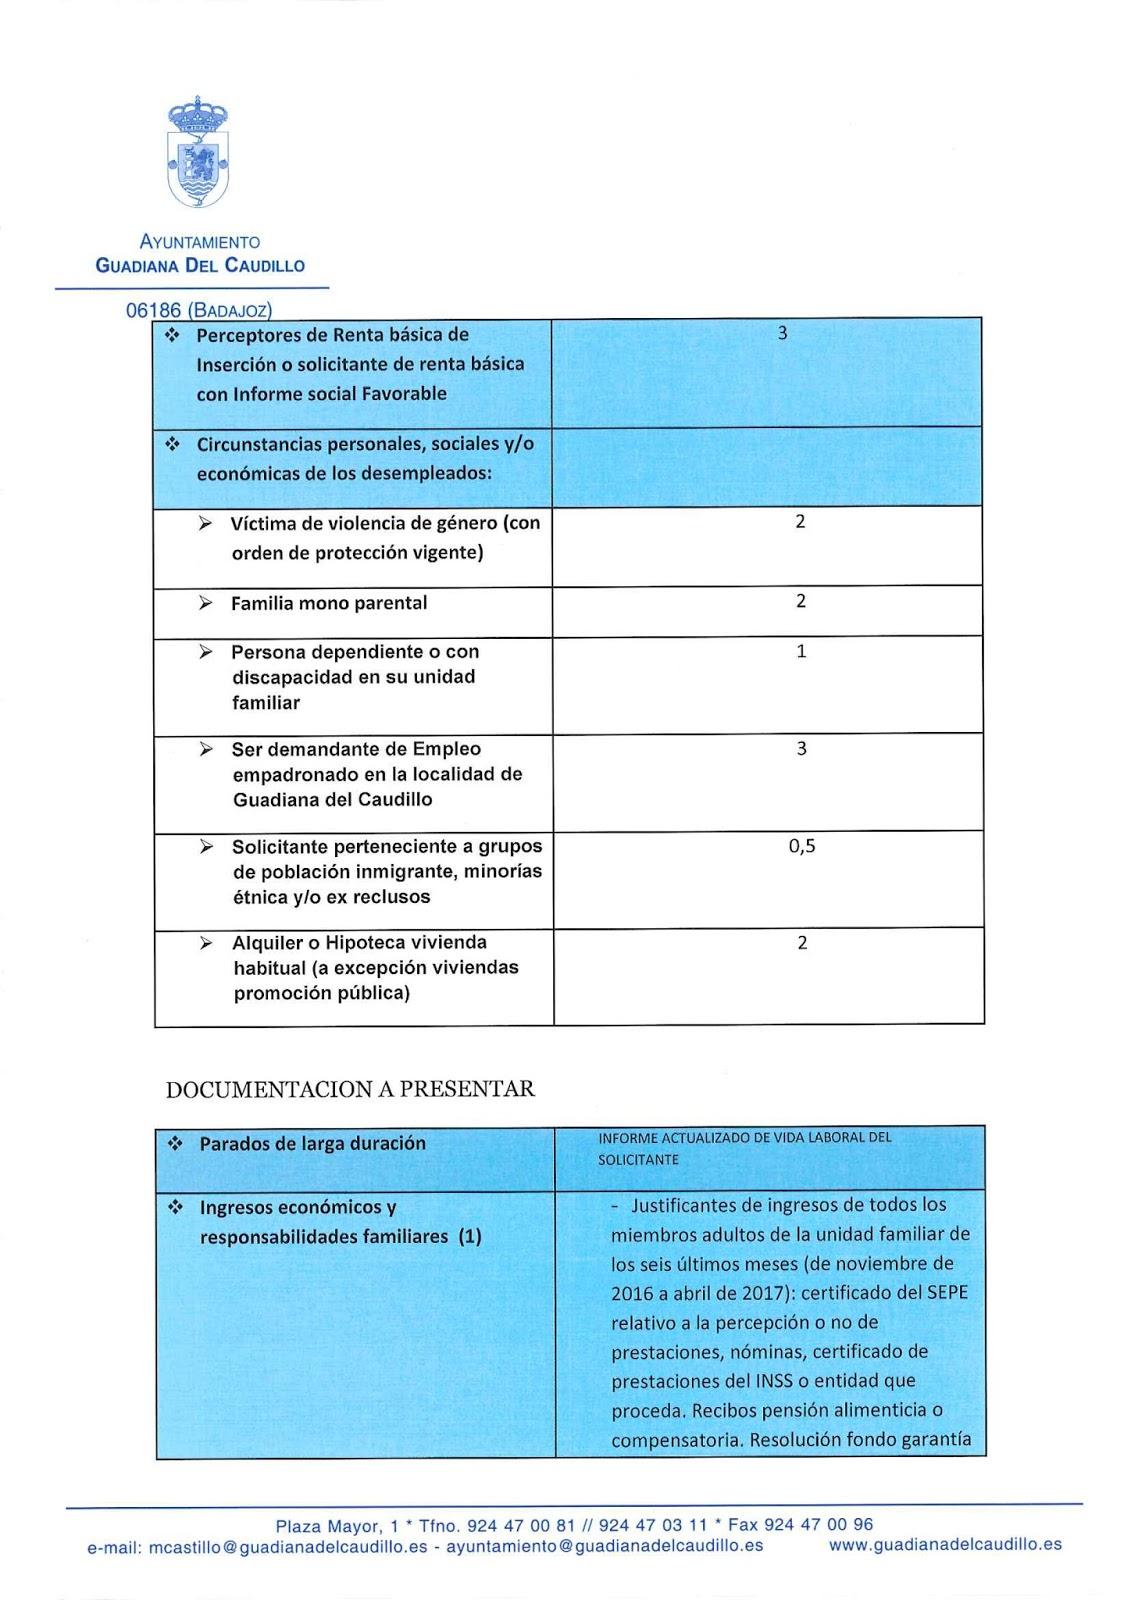 Moderno Analista Financiero De Nivel De Entrada Reanudar Ejemplos ...